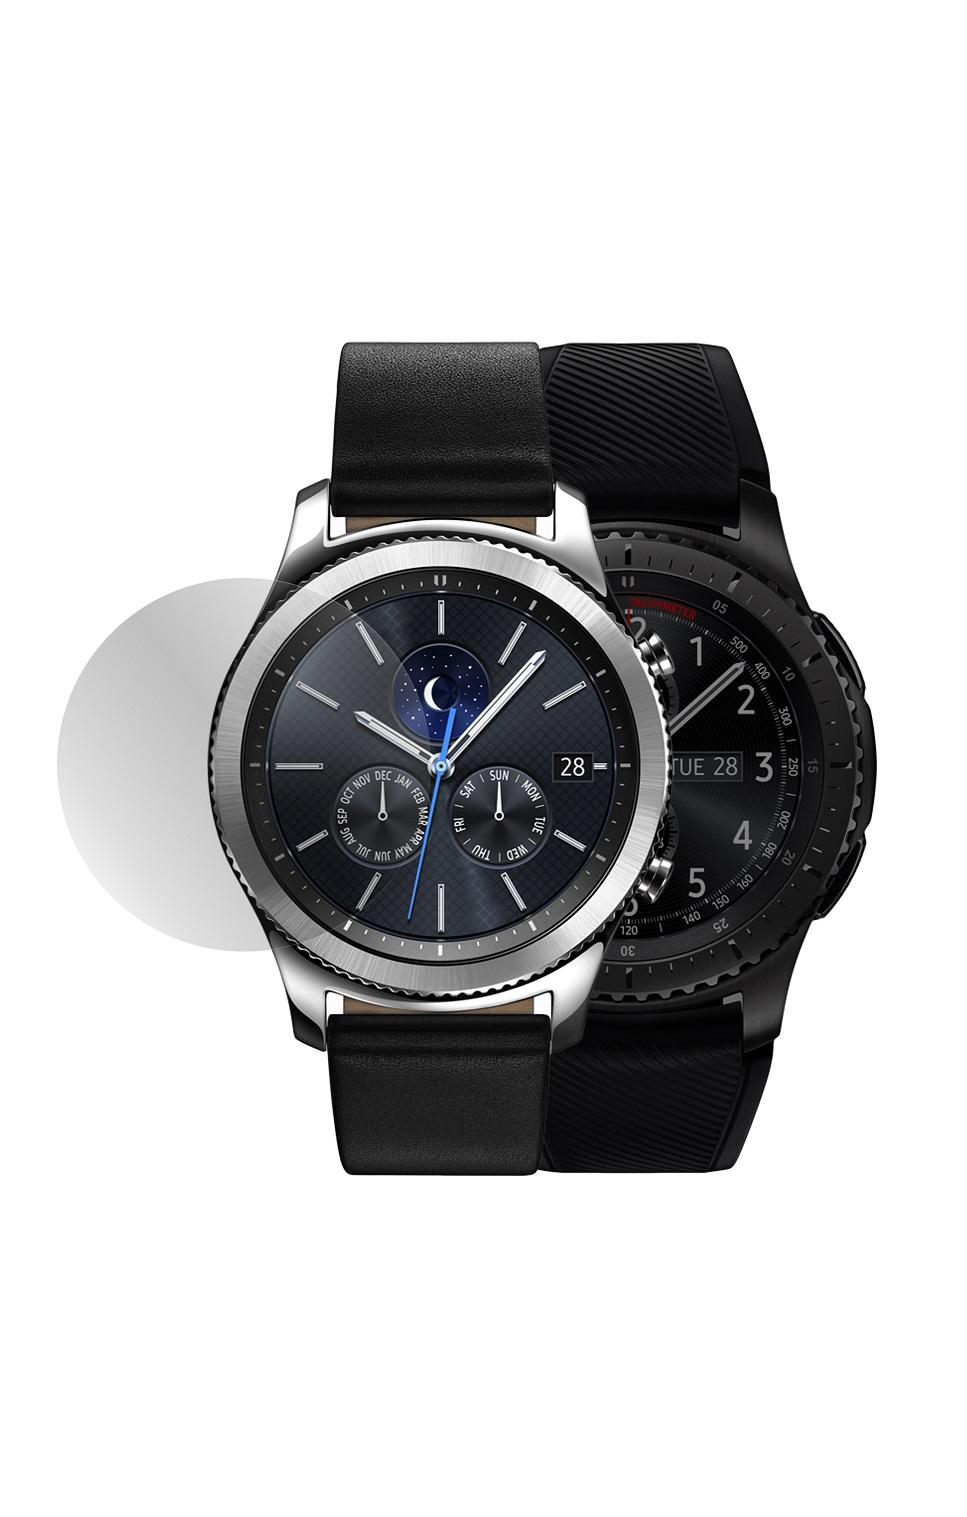 все цены на Защитное стекло Mobius Samsung Gear S3 Classic/Frontier, прозрачный онлайн